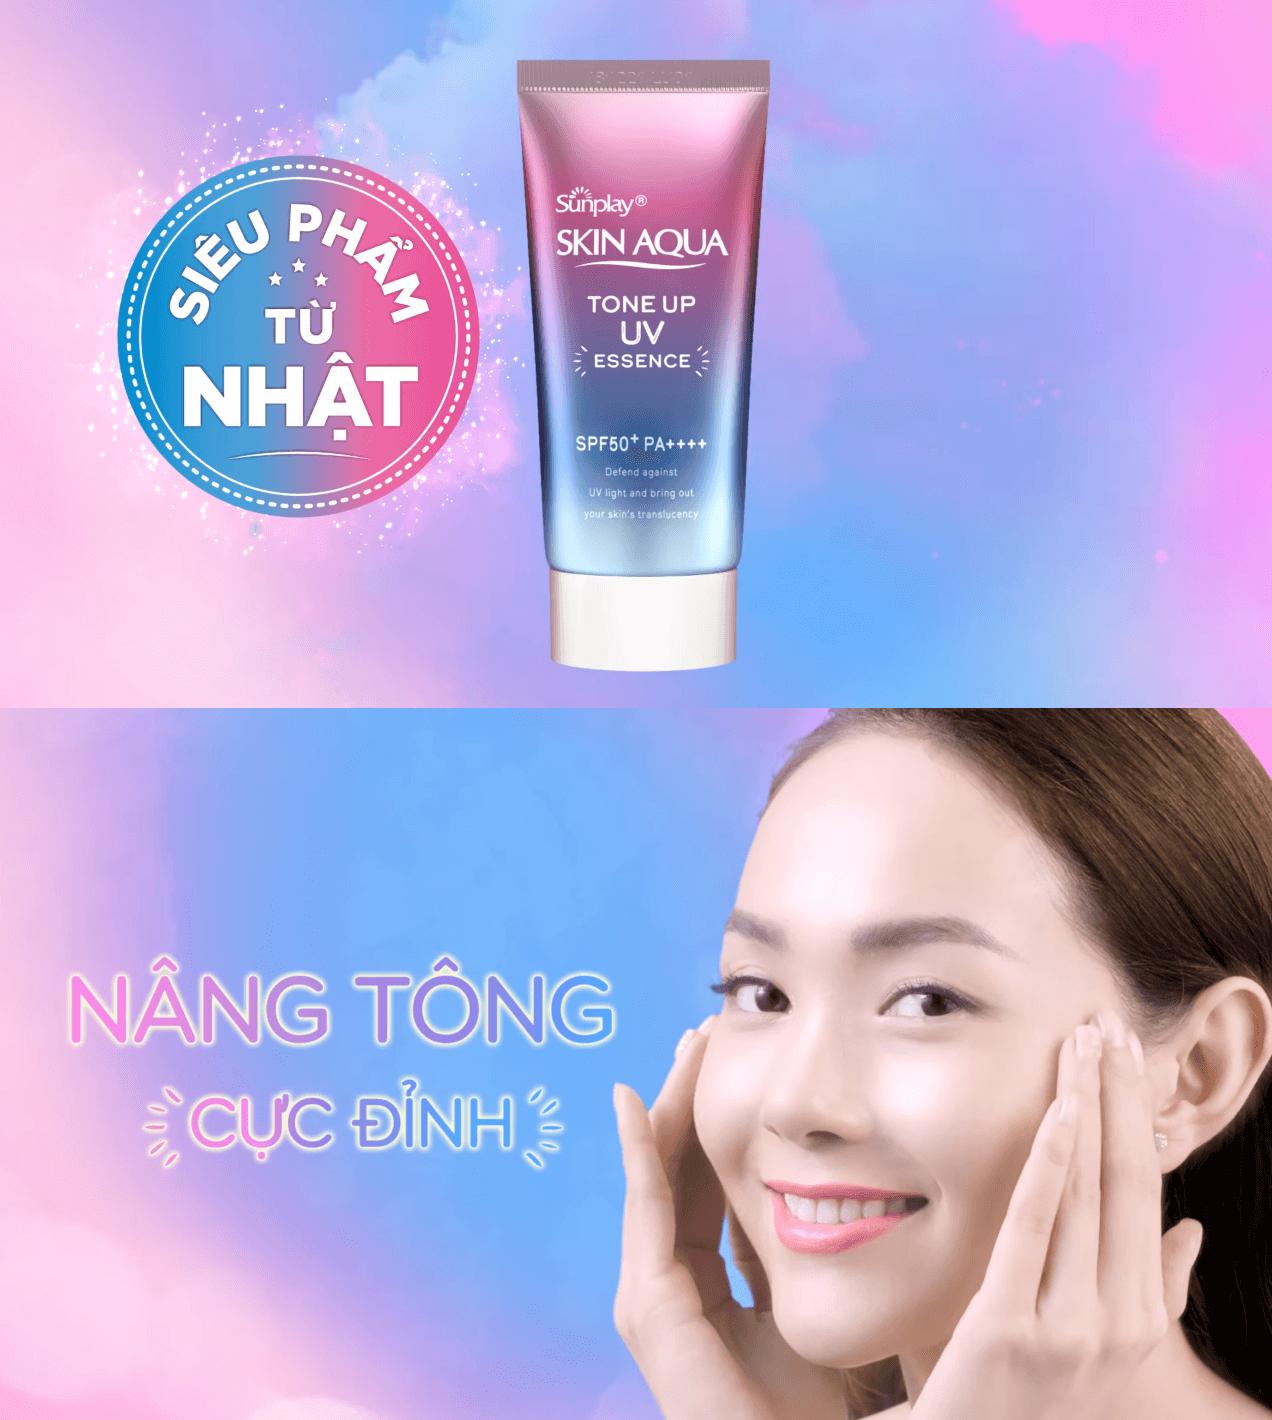 Tinh Chất Chống Nắng Hiệu Chỉnh Sắc Da Sunplay Skin Aqua Tone Up UV Essence SPF50+ PA++++ 50g